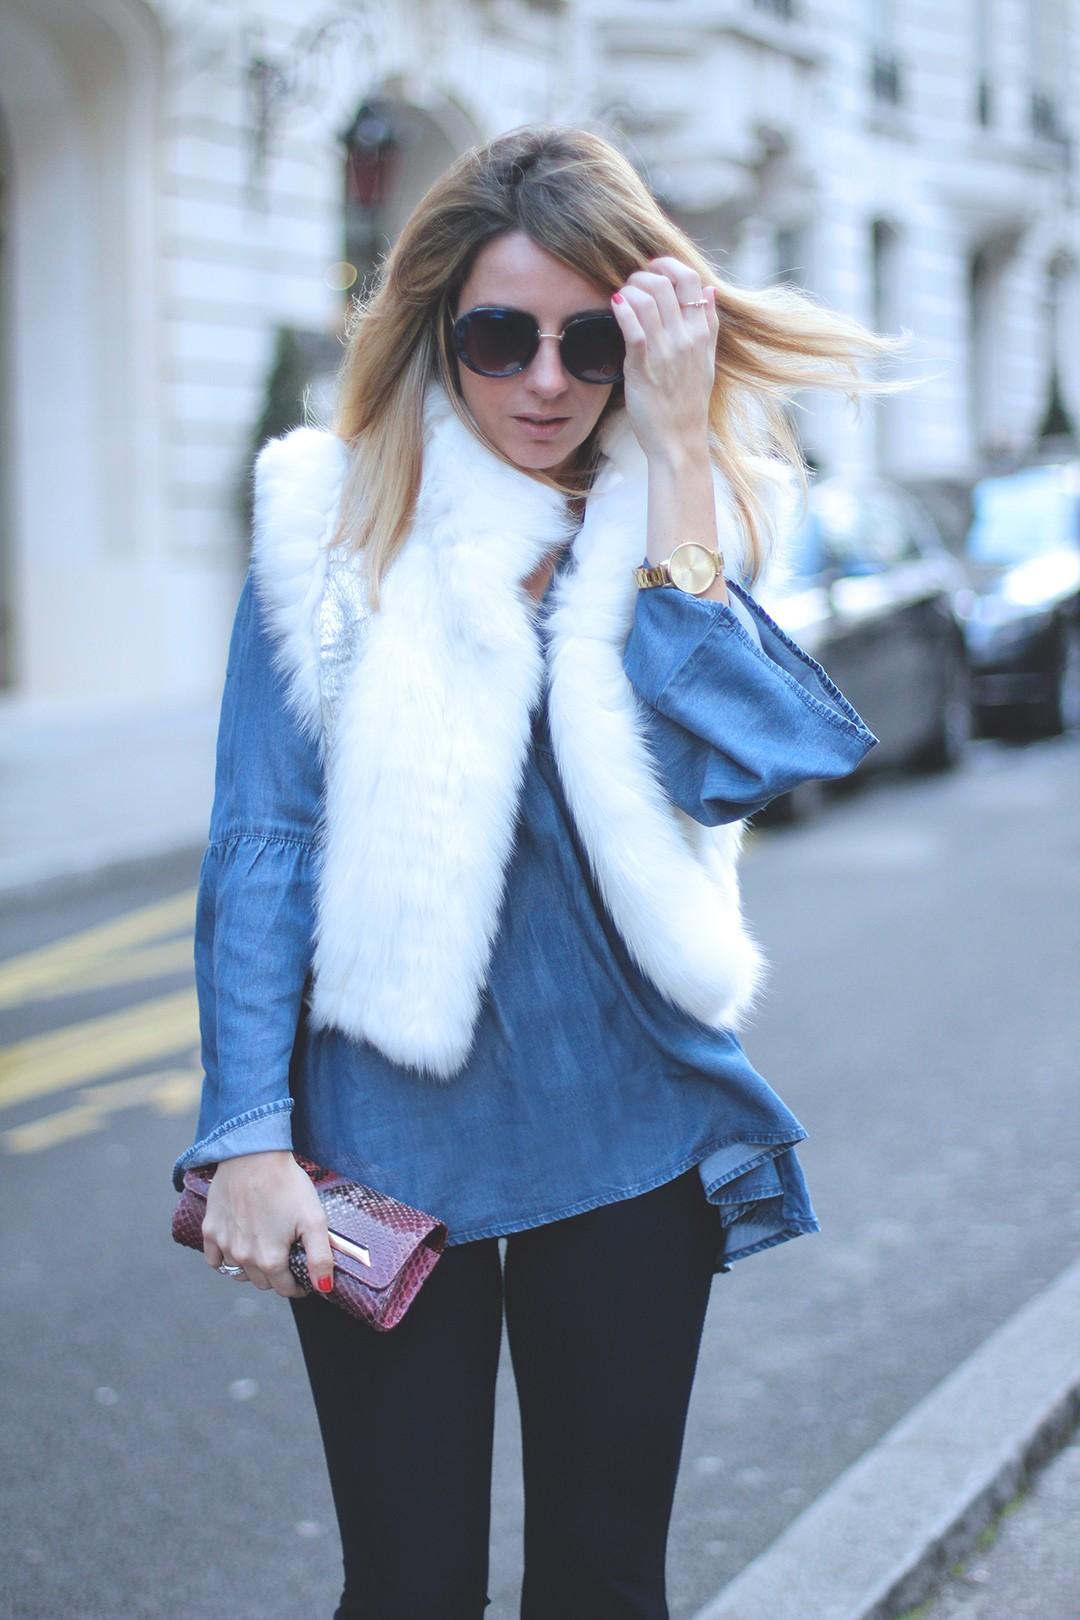 spanish-fashion-blogger-paris-fashion-week-2016